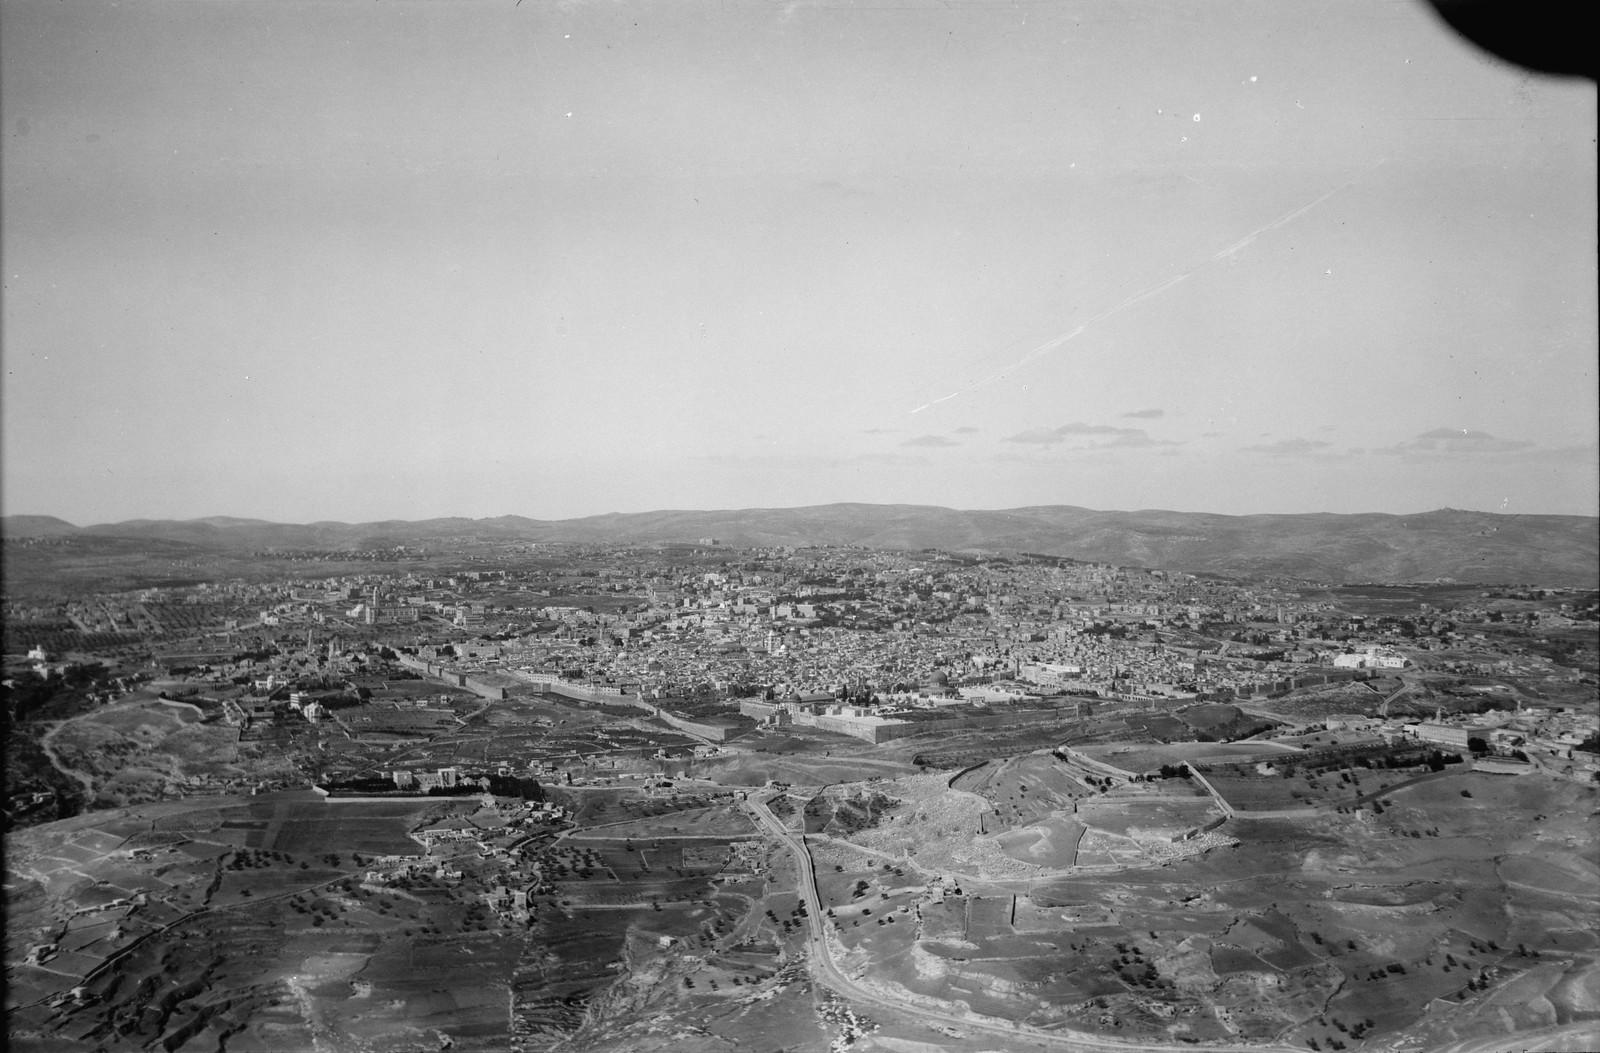 01. Воздушный маршрут по старой дороге Иерусалим-Иерихон. Иерусалим с юго-восточной стороны. Вид города из Вифании